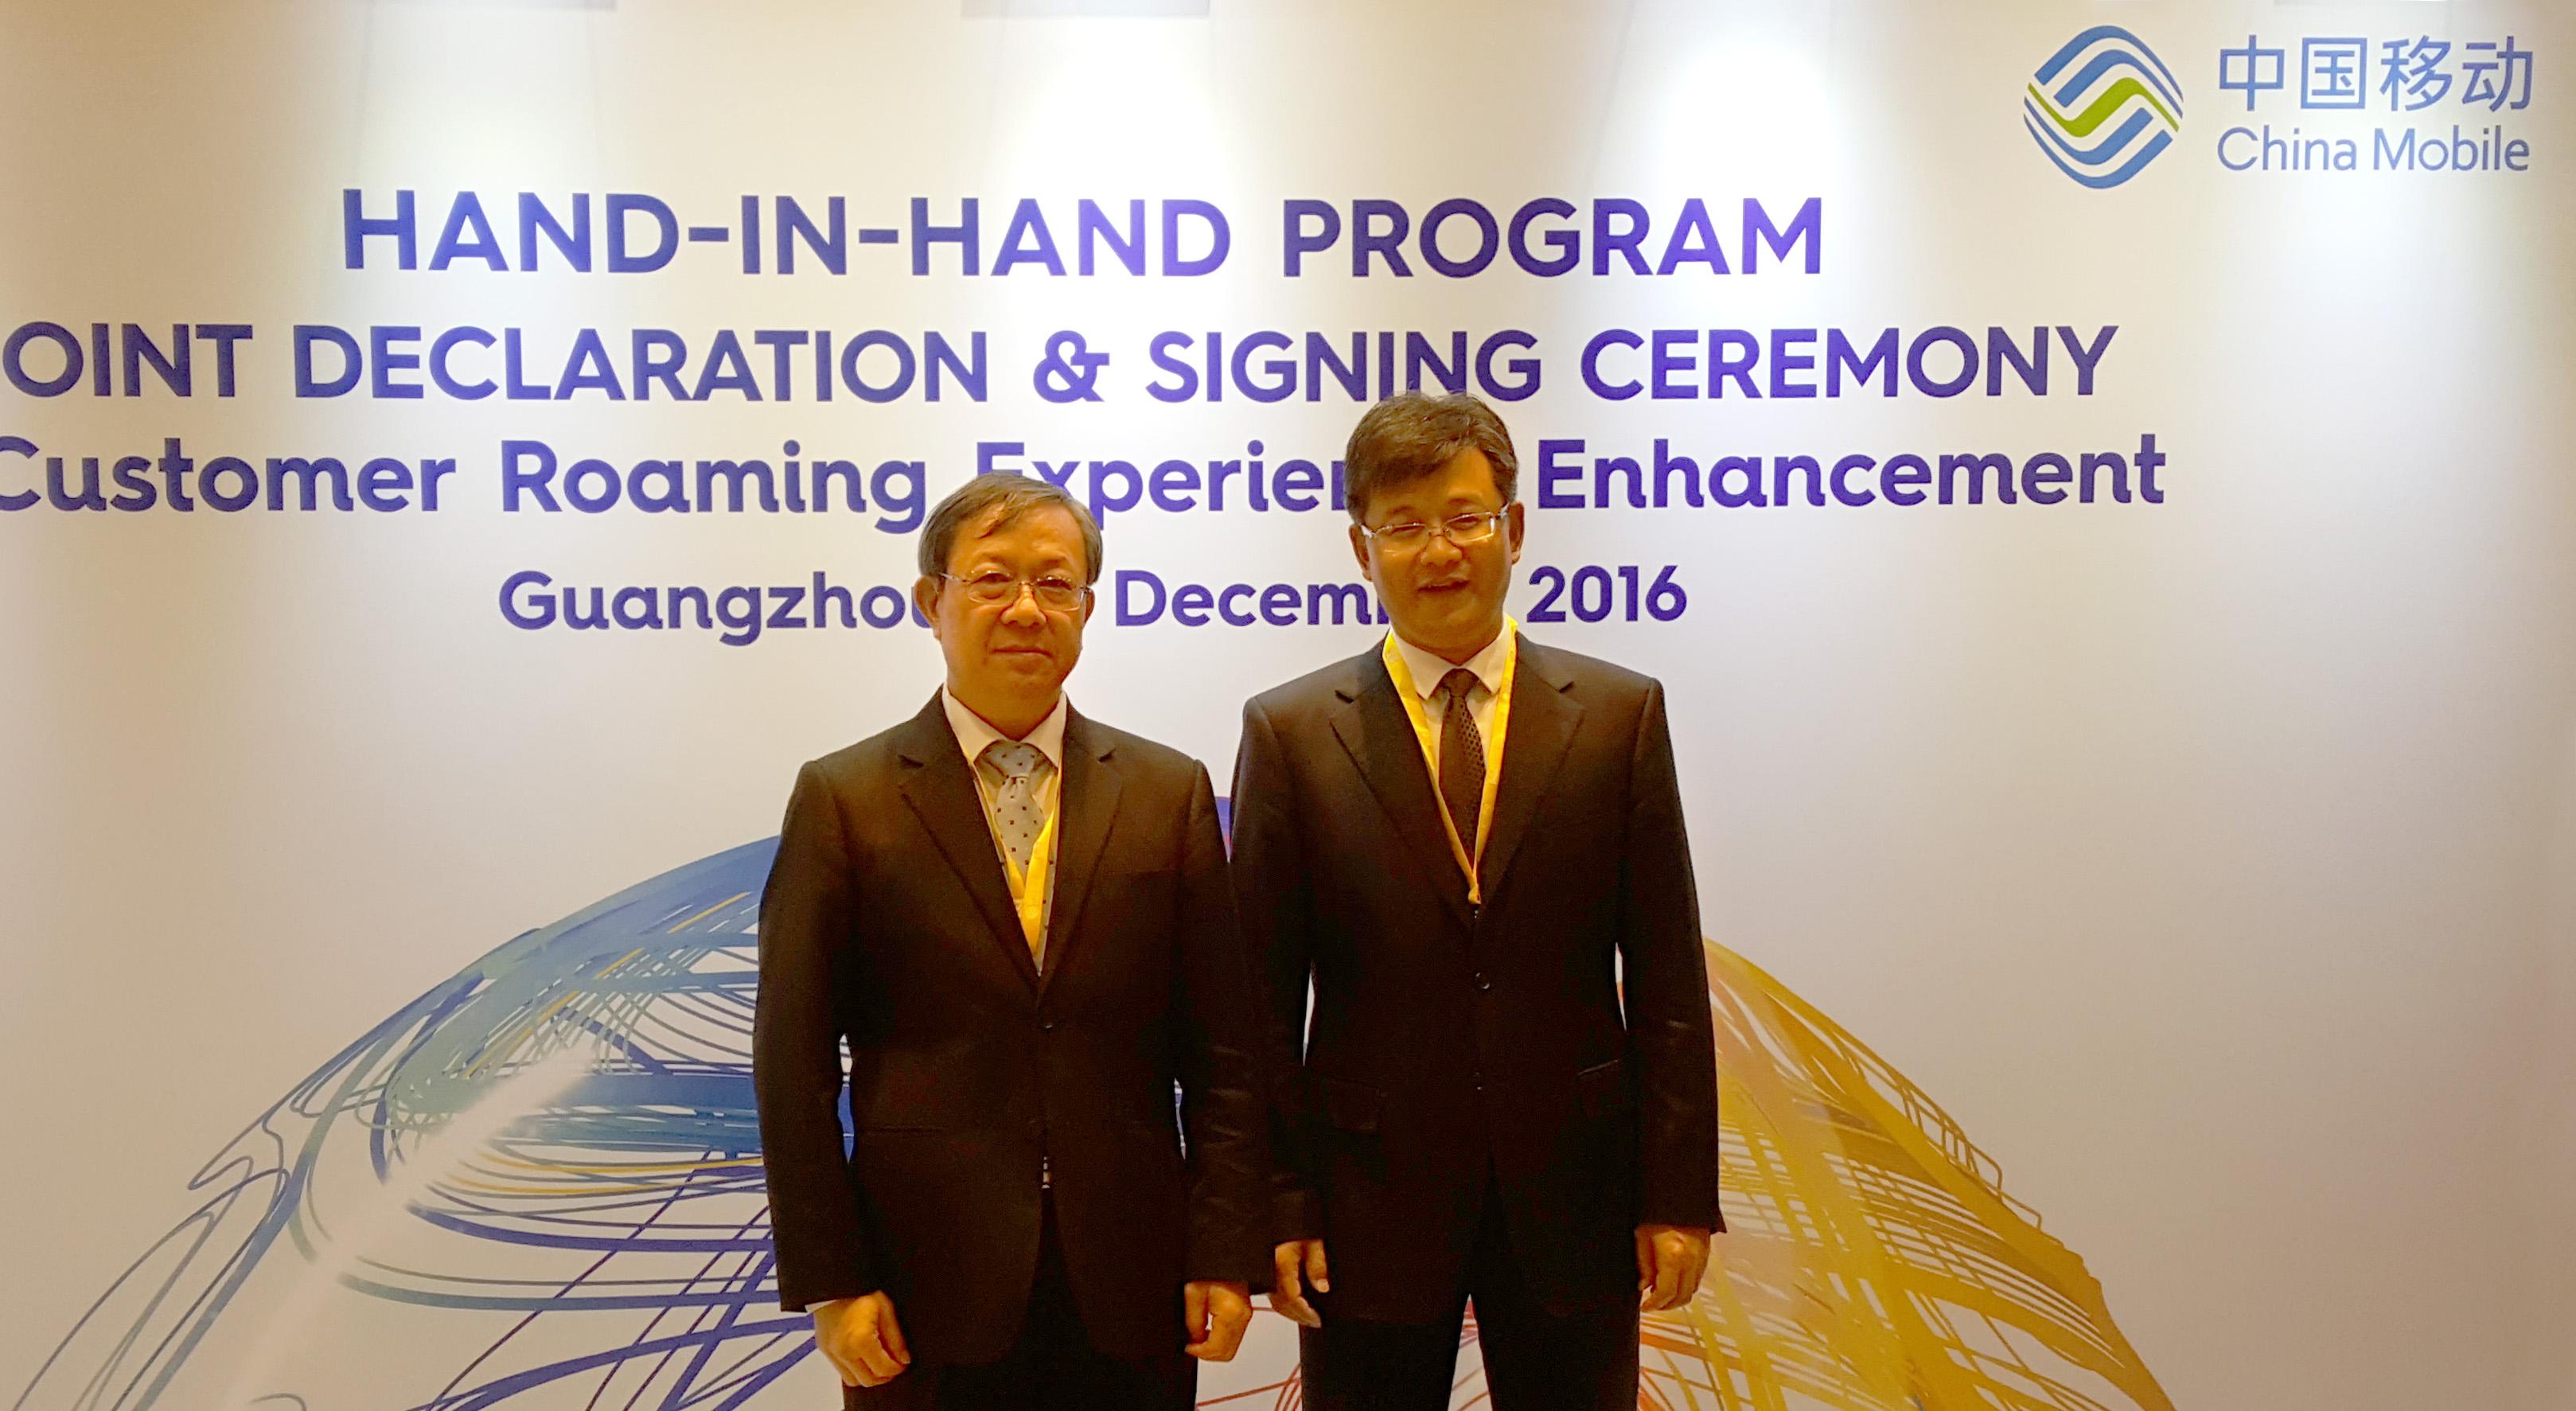 中華電信、中國移動及全球牽手計畫成員